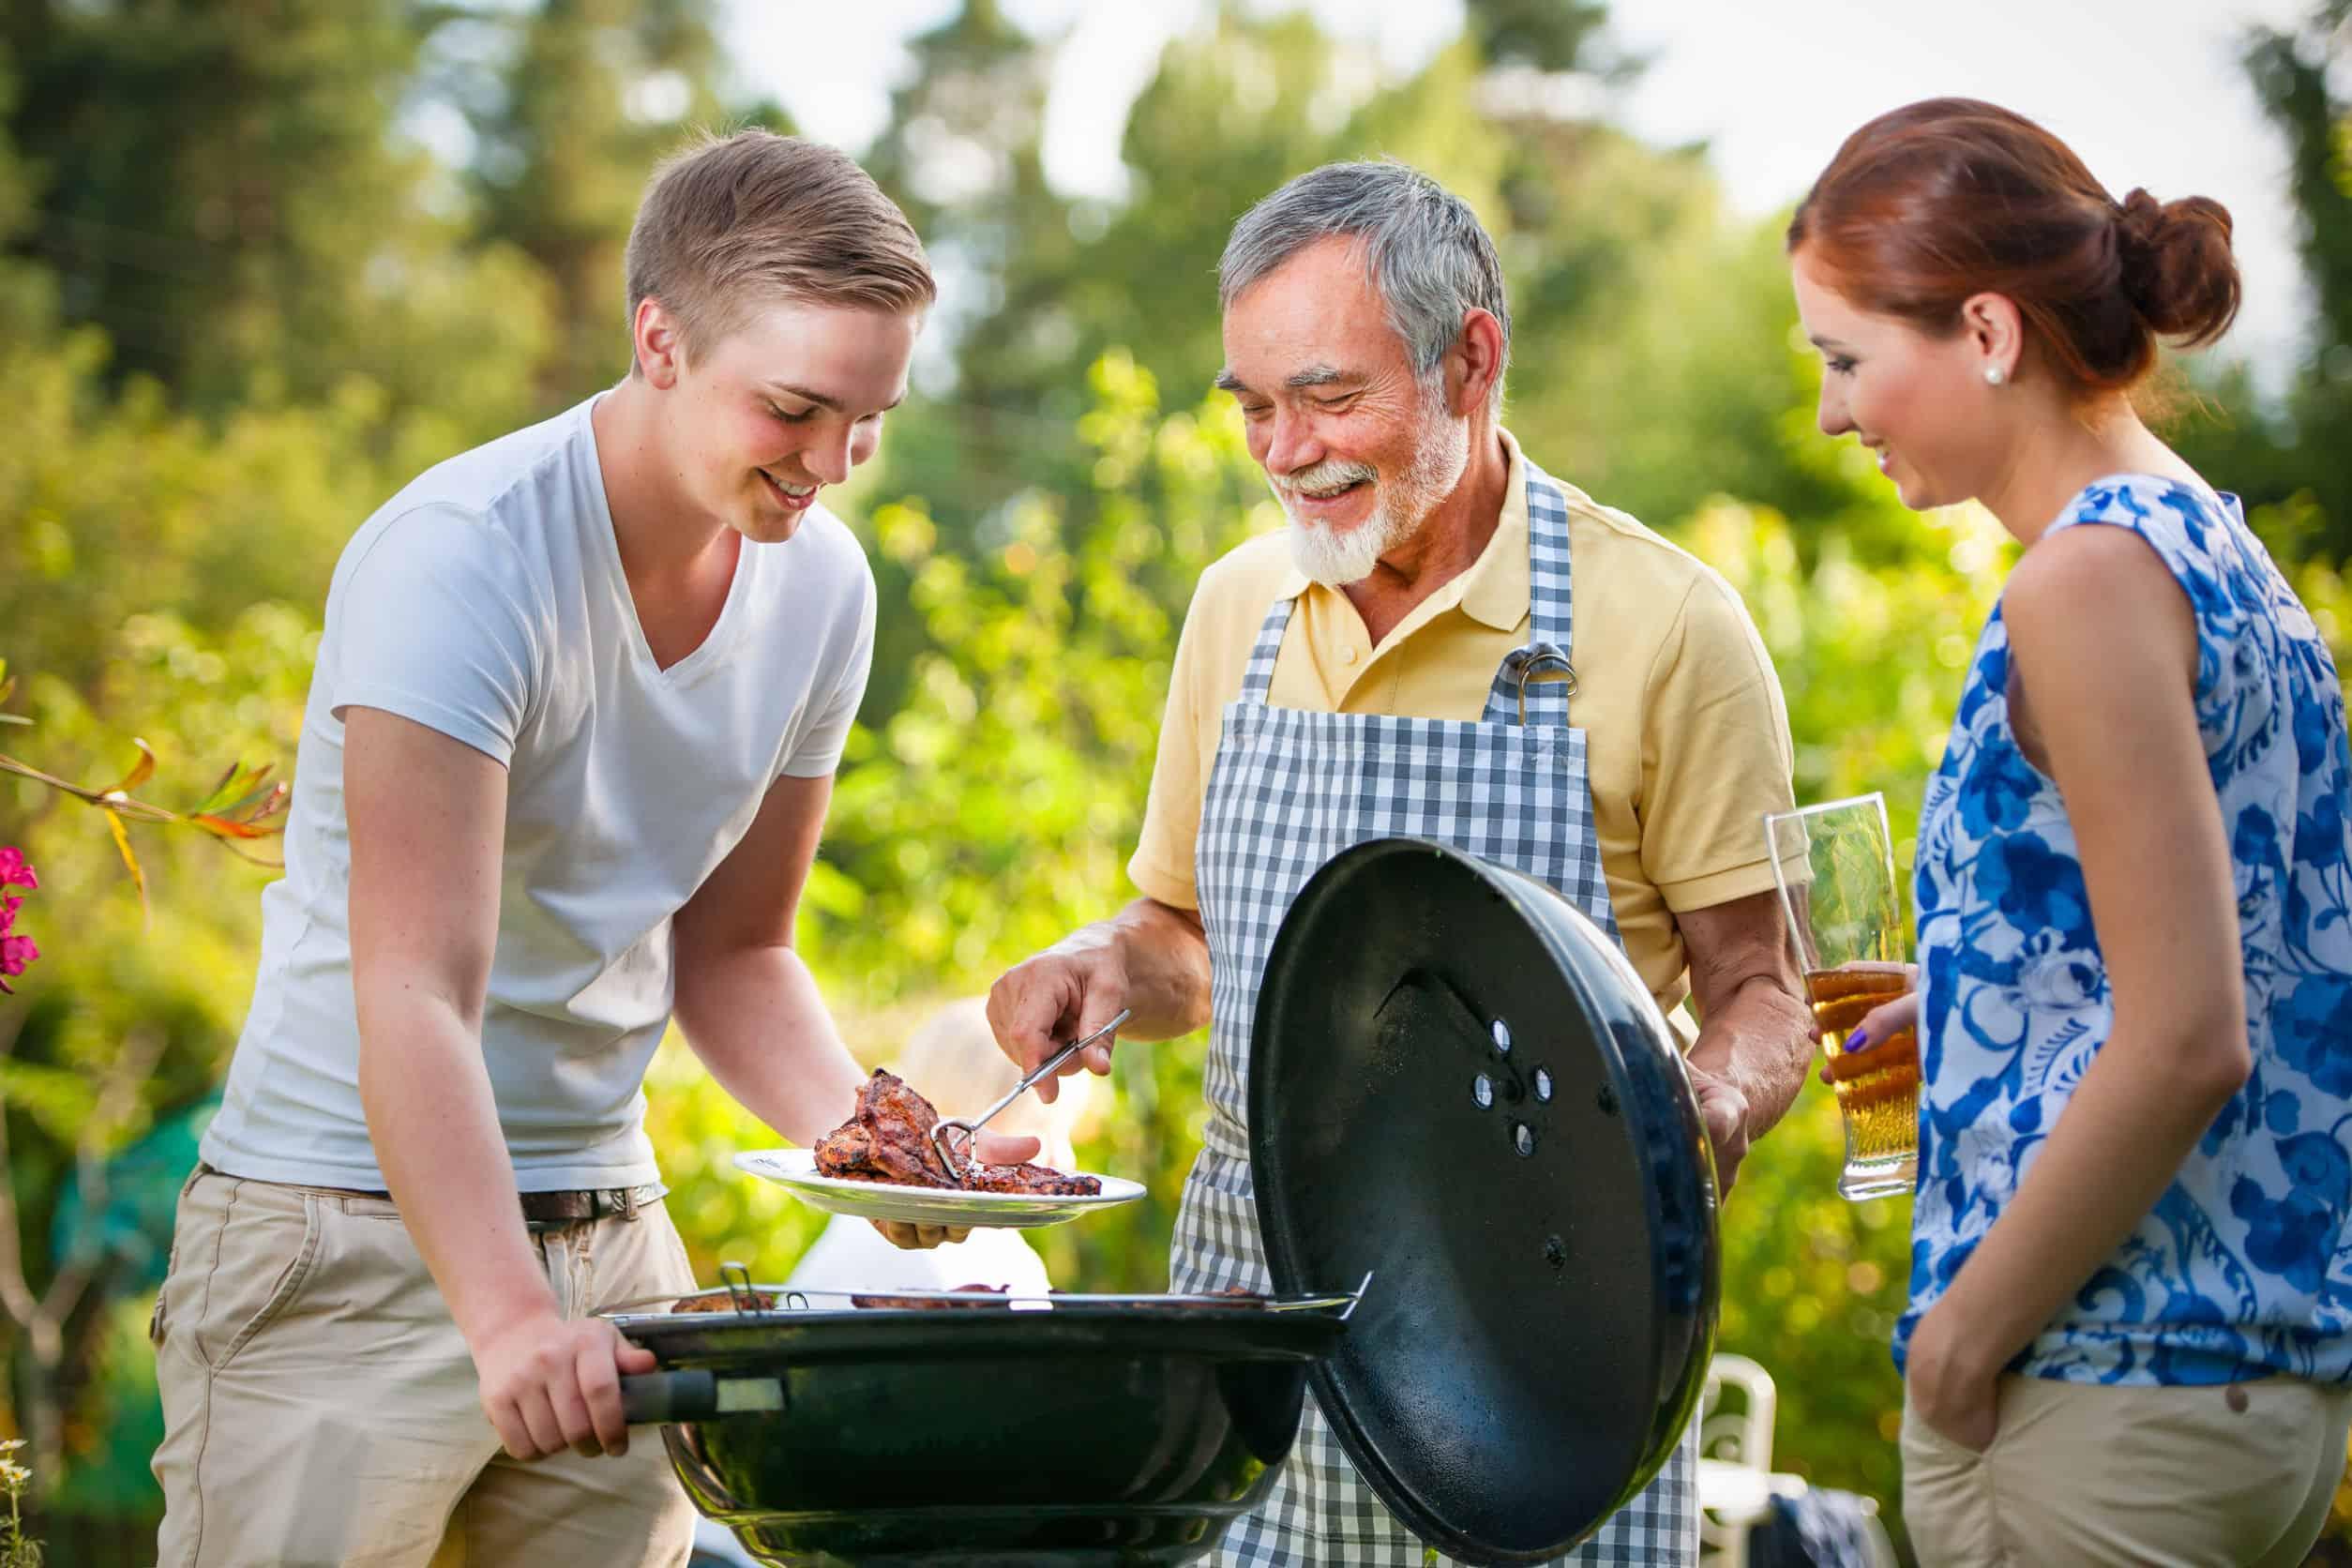 Imagem mostra três pessoas em volta de uma churrasqueira a bafo no jardim.